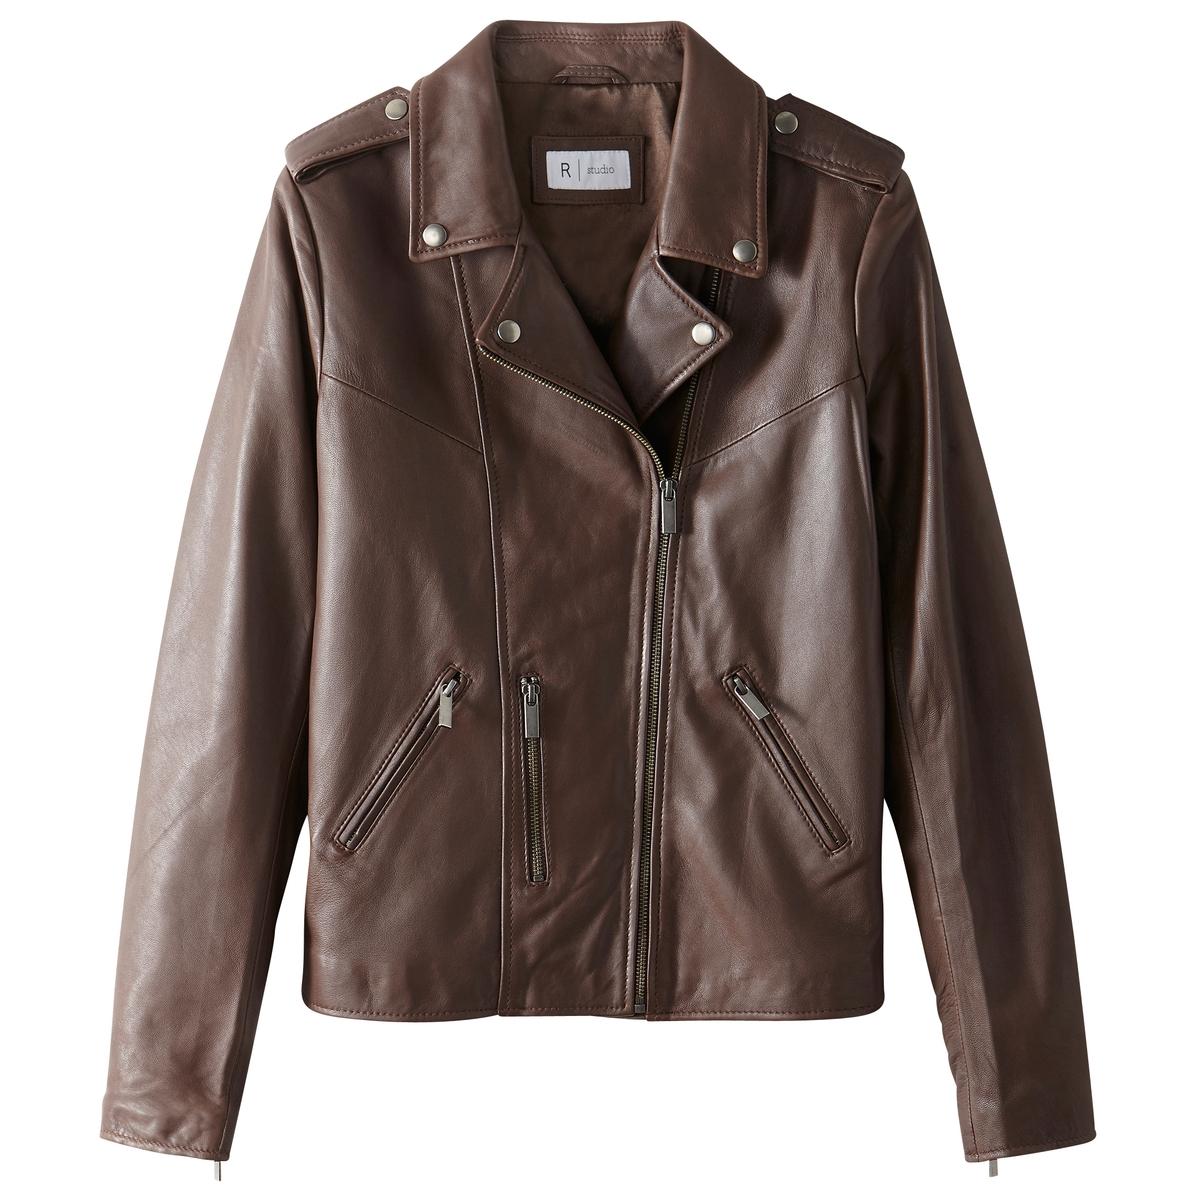 Блузон кожаный в байкерском стиле блузон кожаный в байкерском стиле